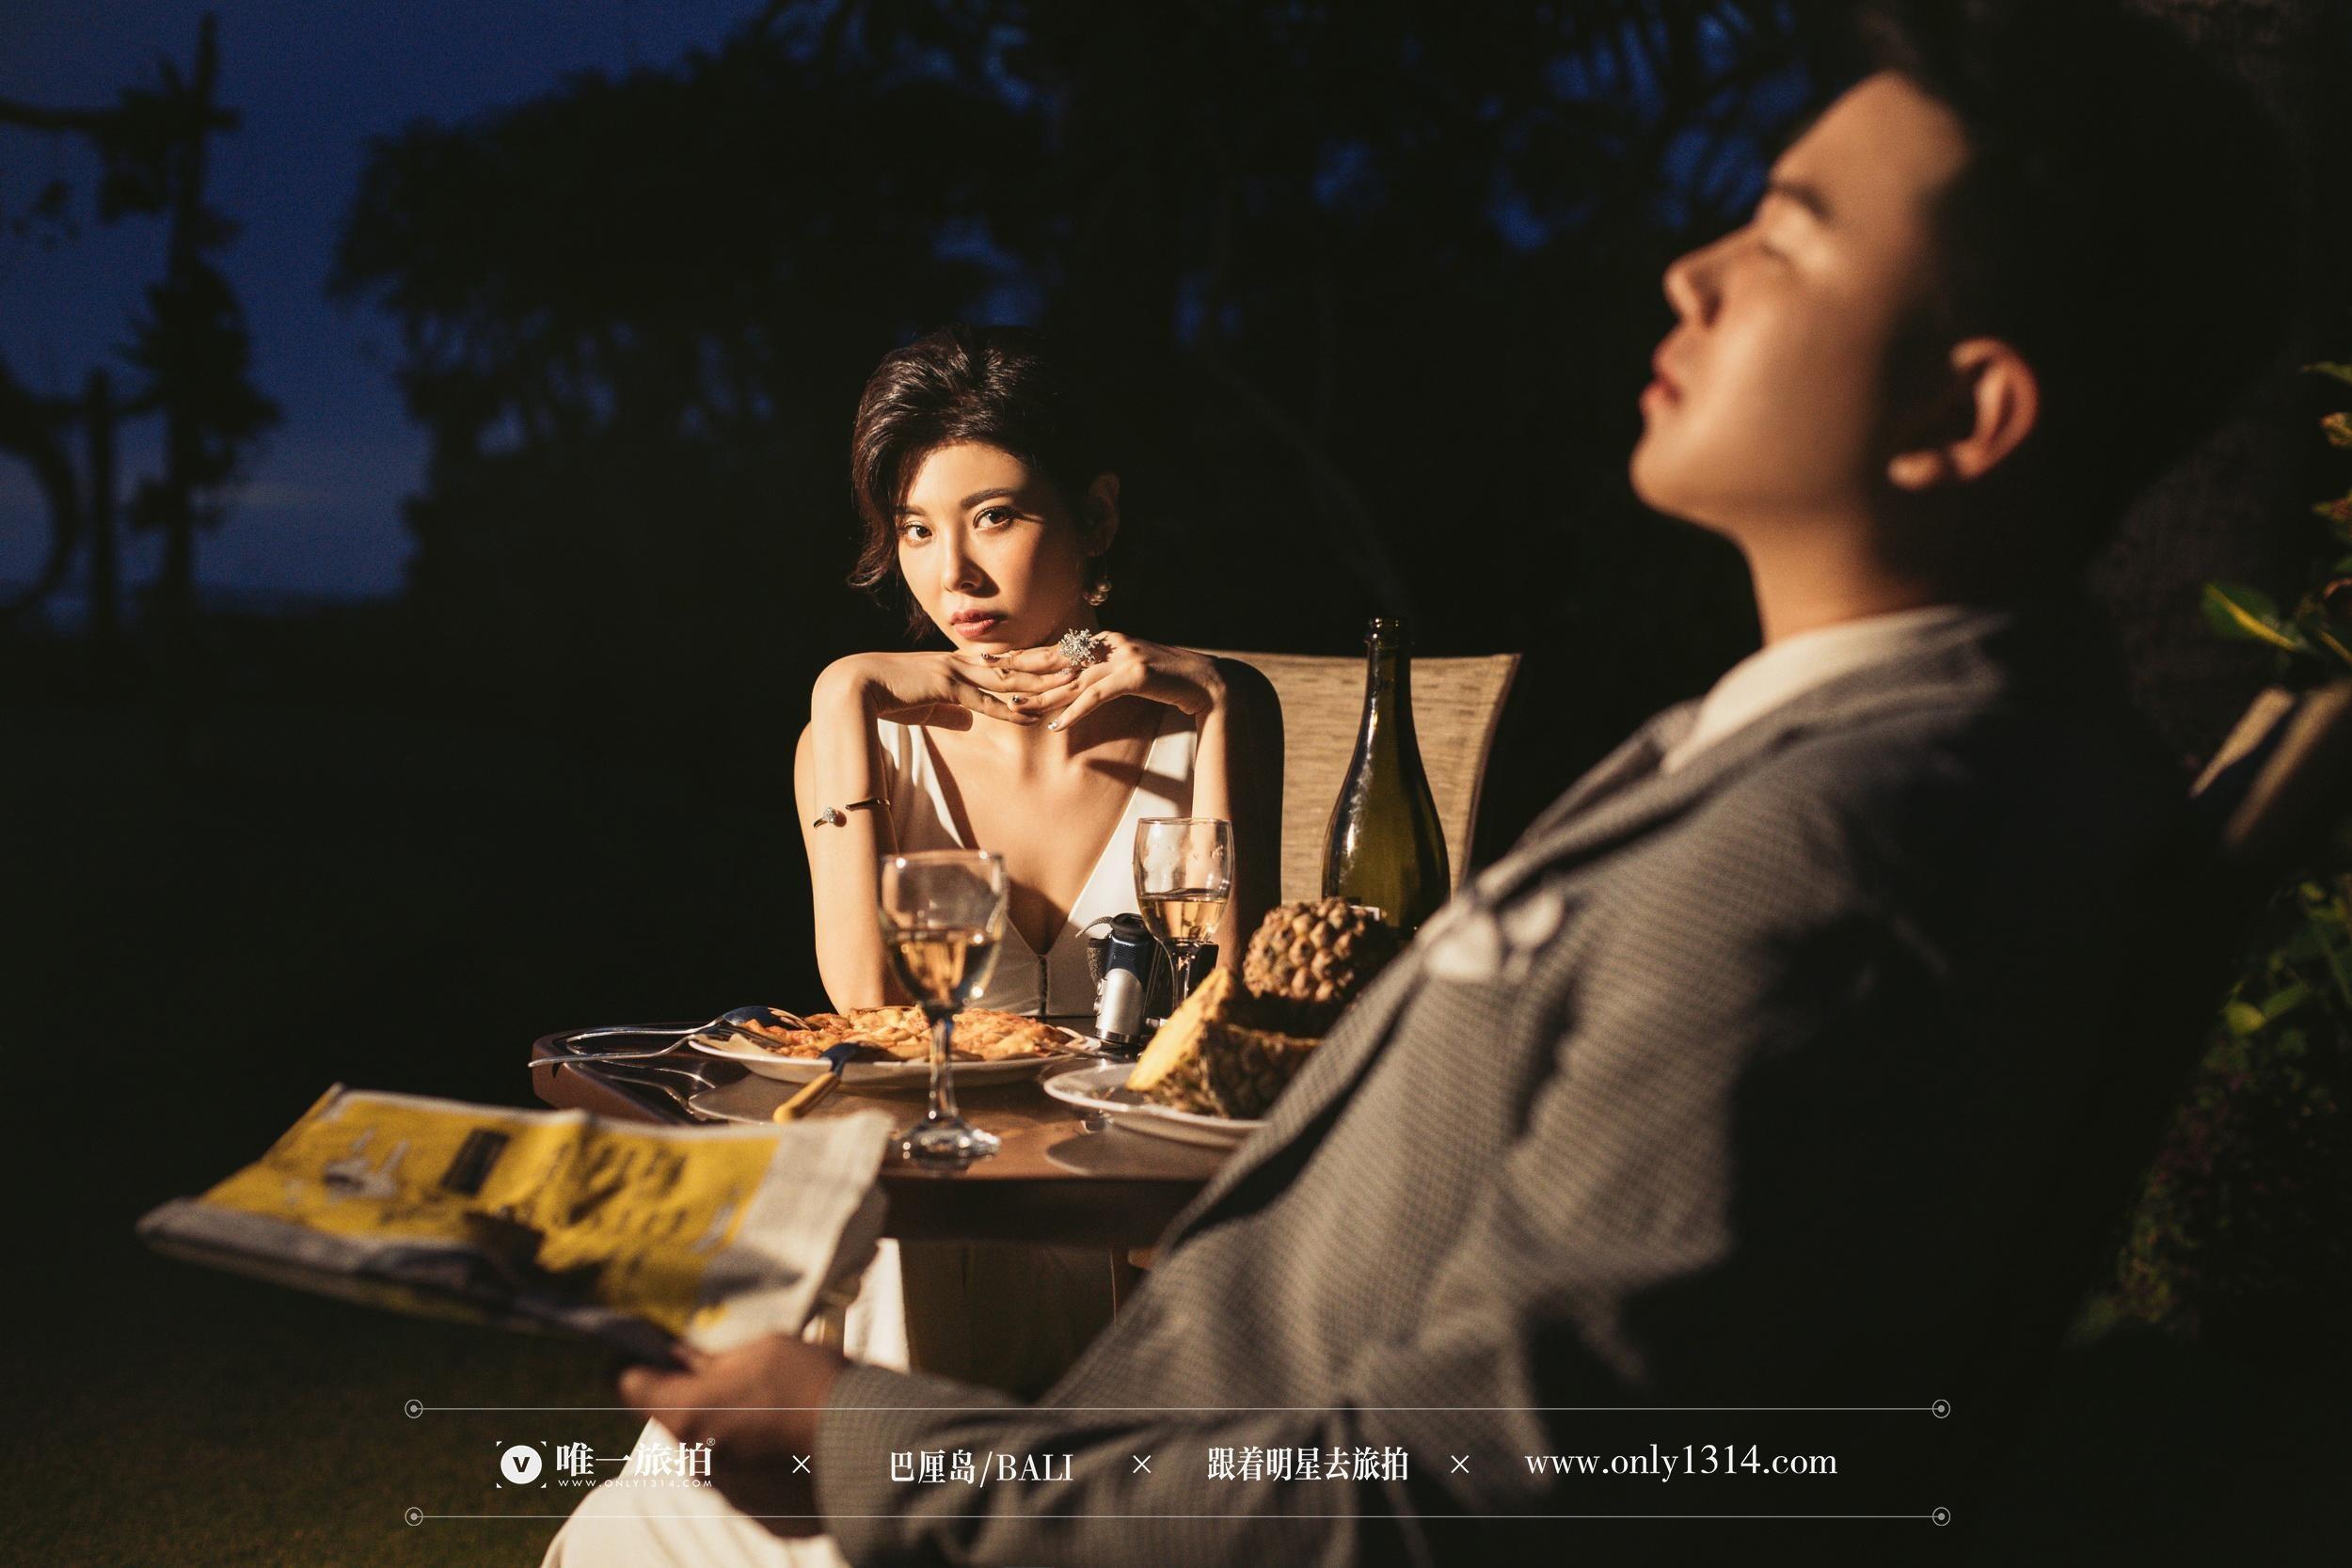 http://www.vribl.com/yangshengtang/591954.html